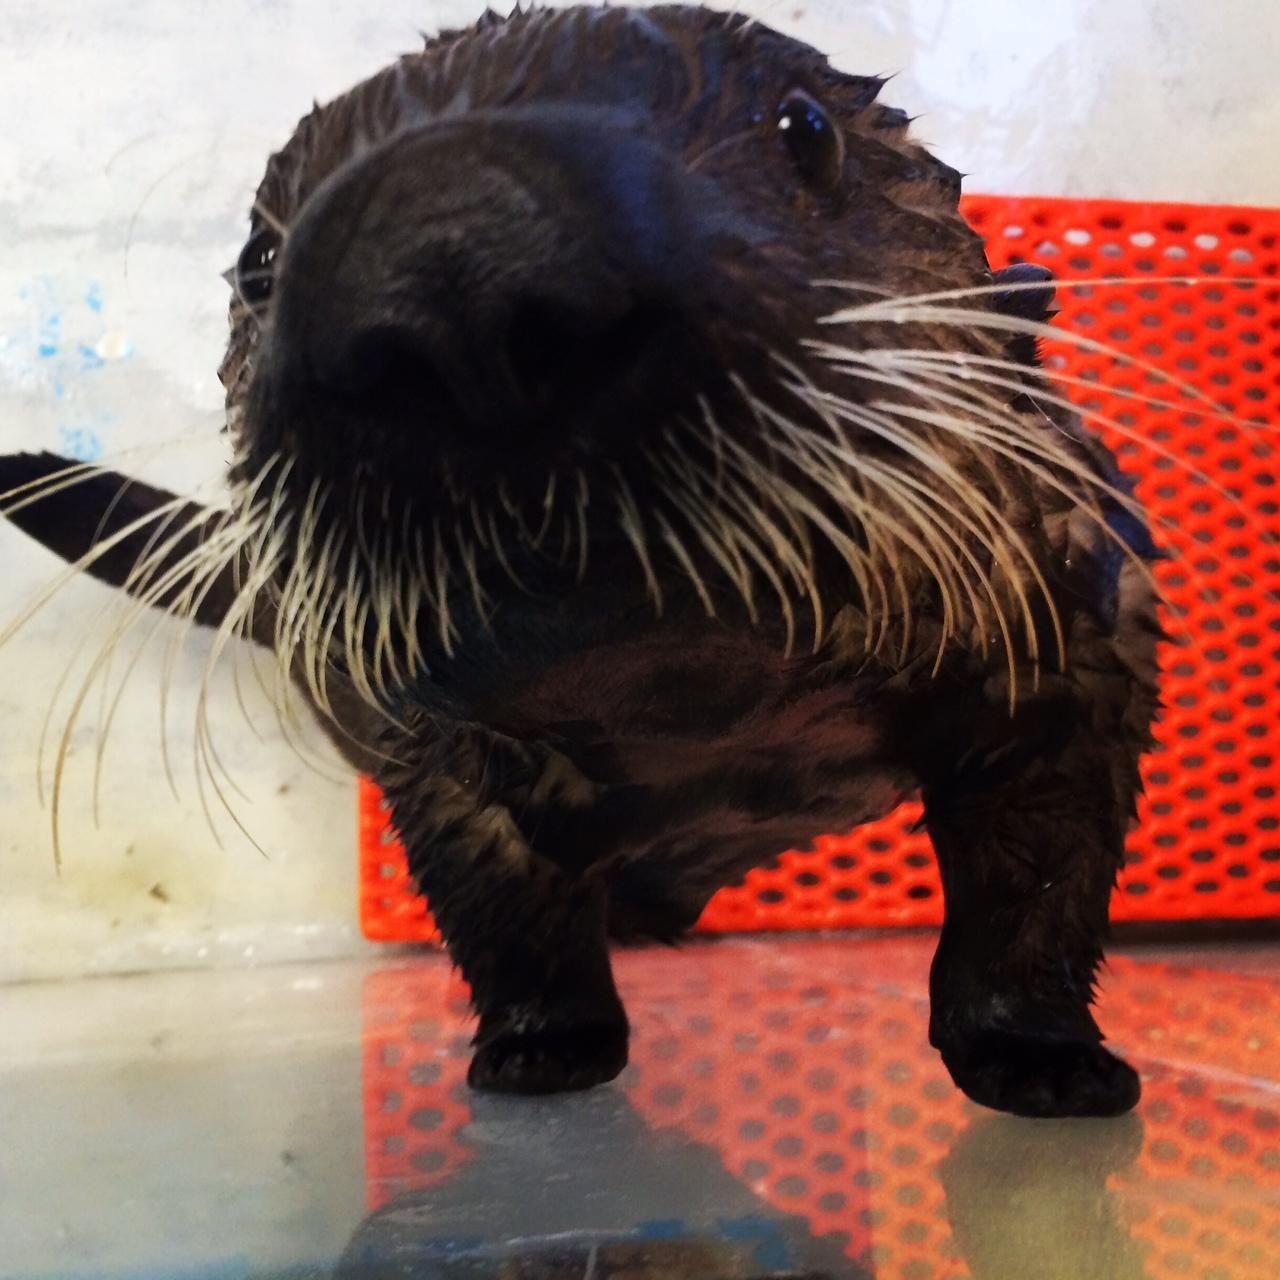 アラスカを発つ前、クレートに入ったミシュカ。シアトル水族館のラーナー獣医師が付き添った Seattle Aquarium